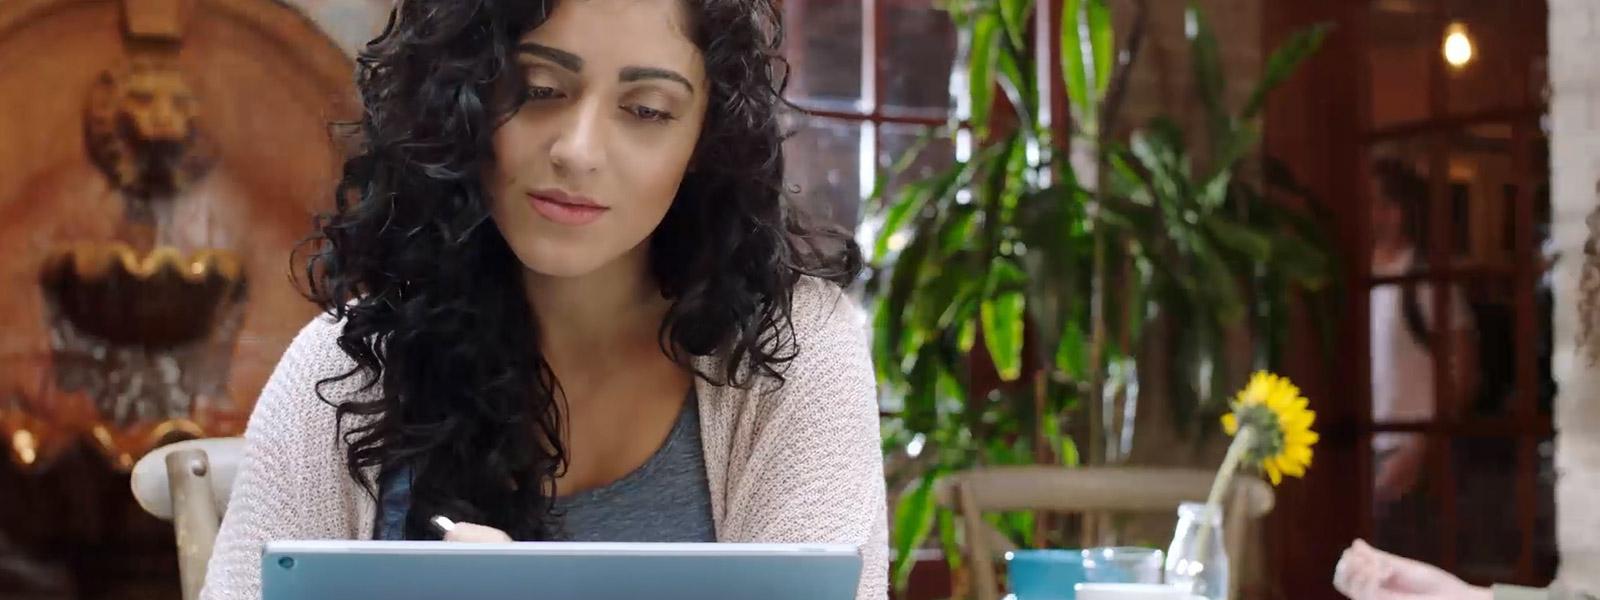 Windows 10'da Windows Ink ile Mürekkep Oluşturma